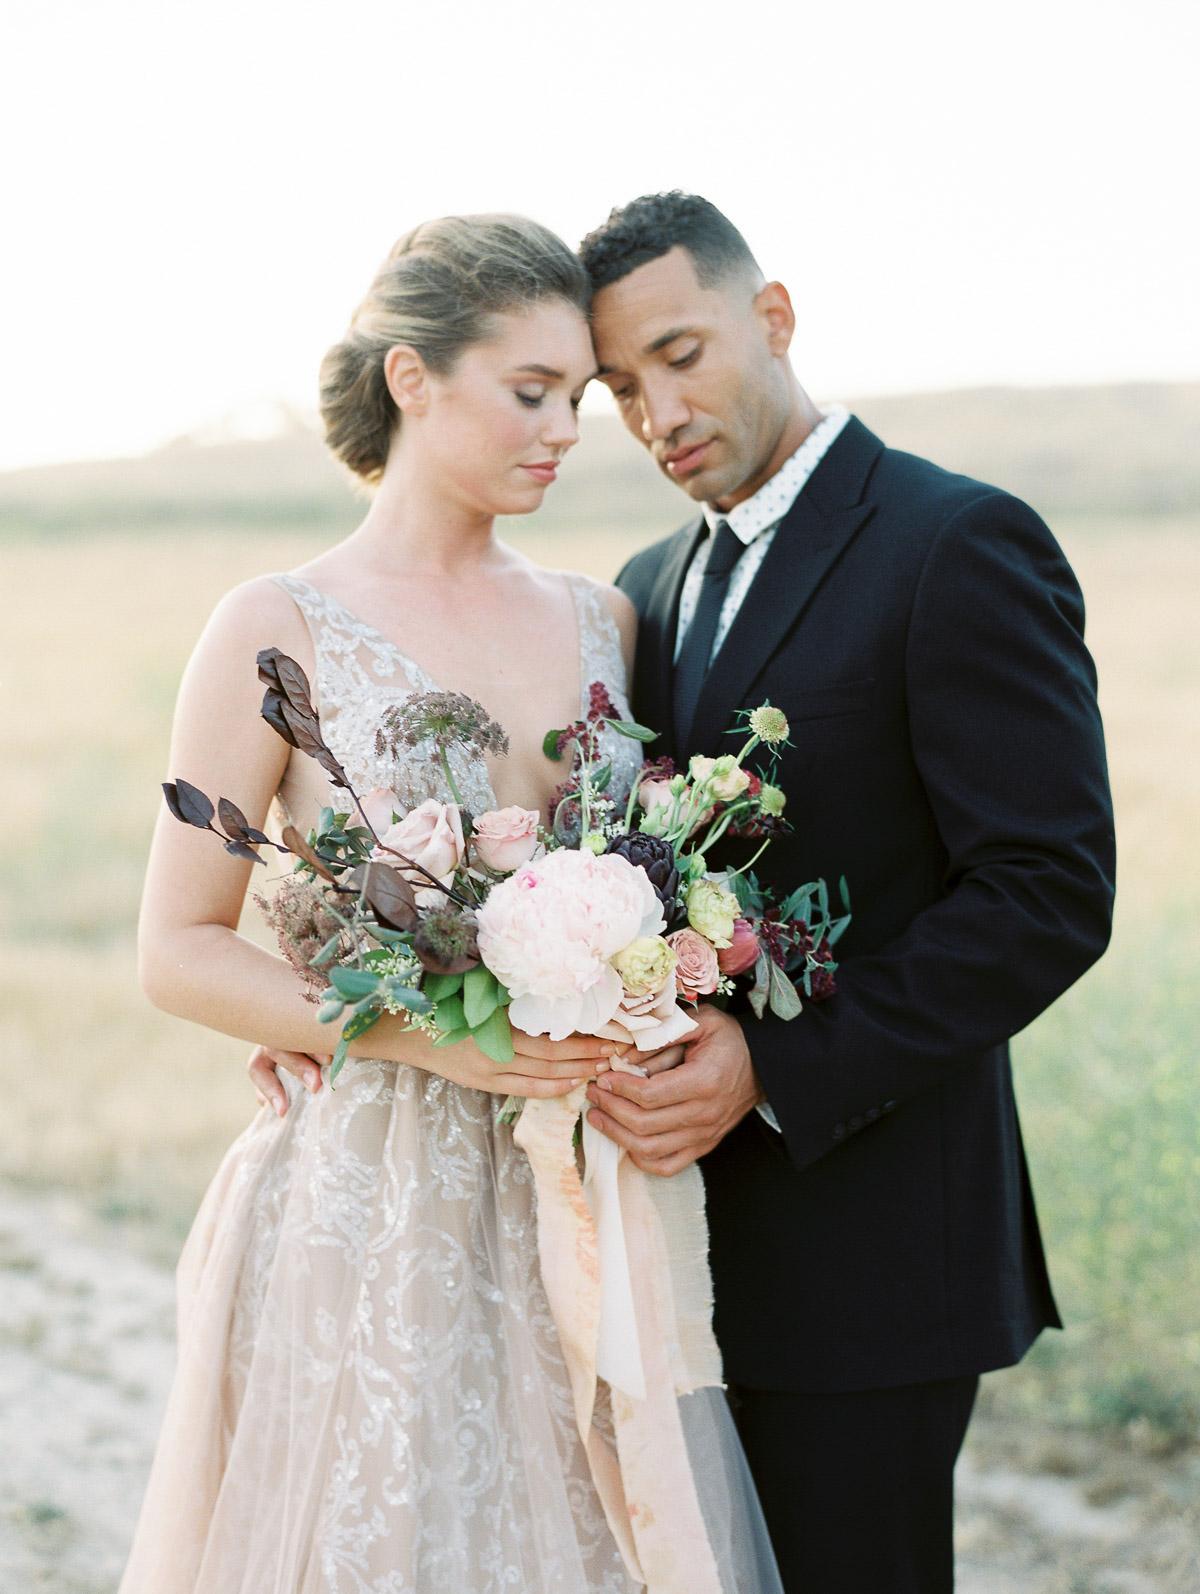 kestrel-park-wedding-photographer-56.jpg